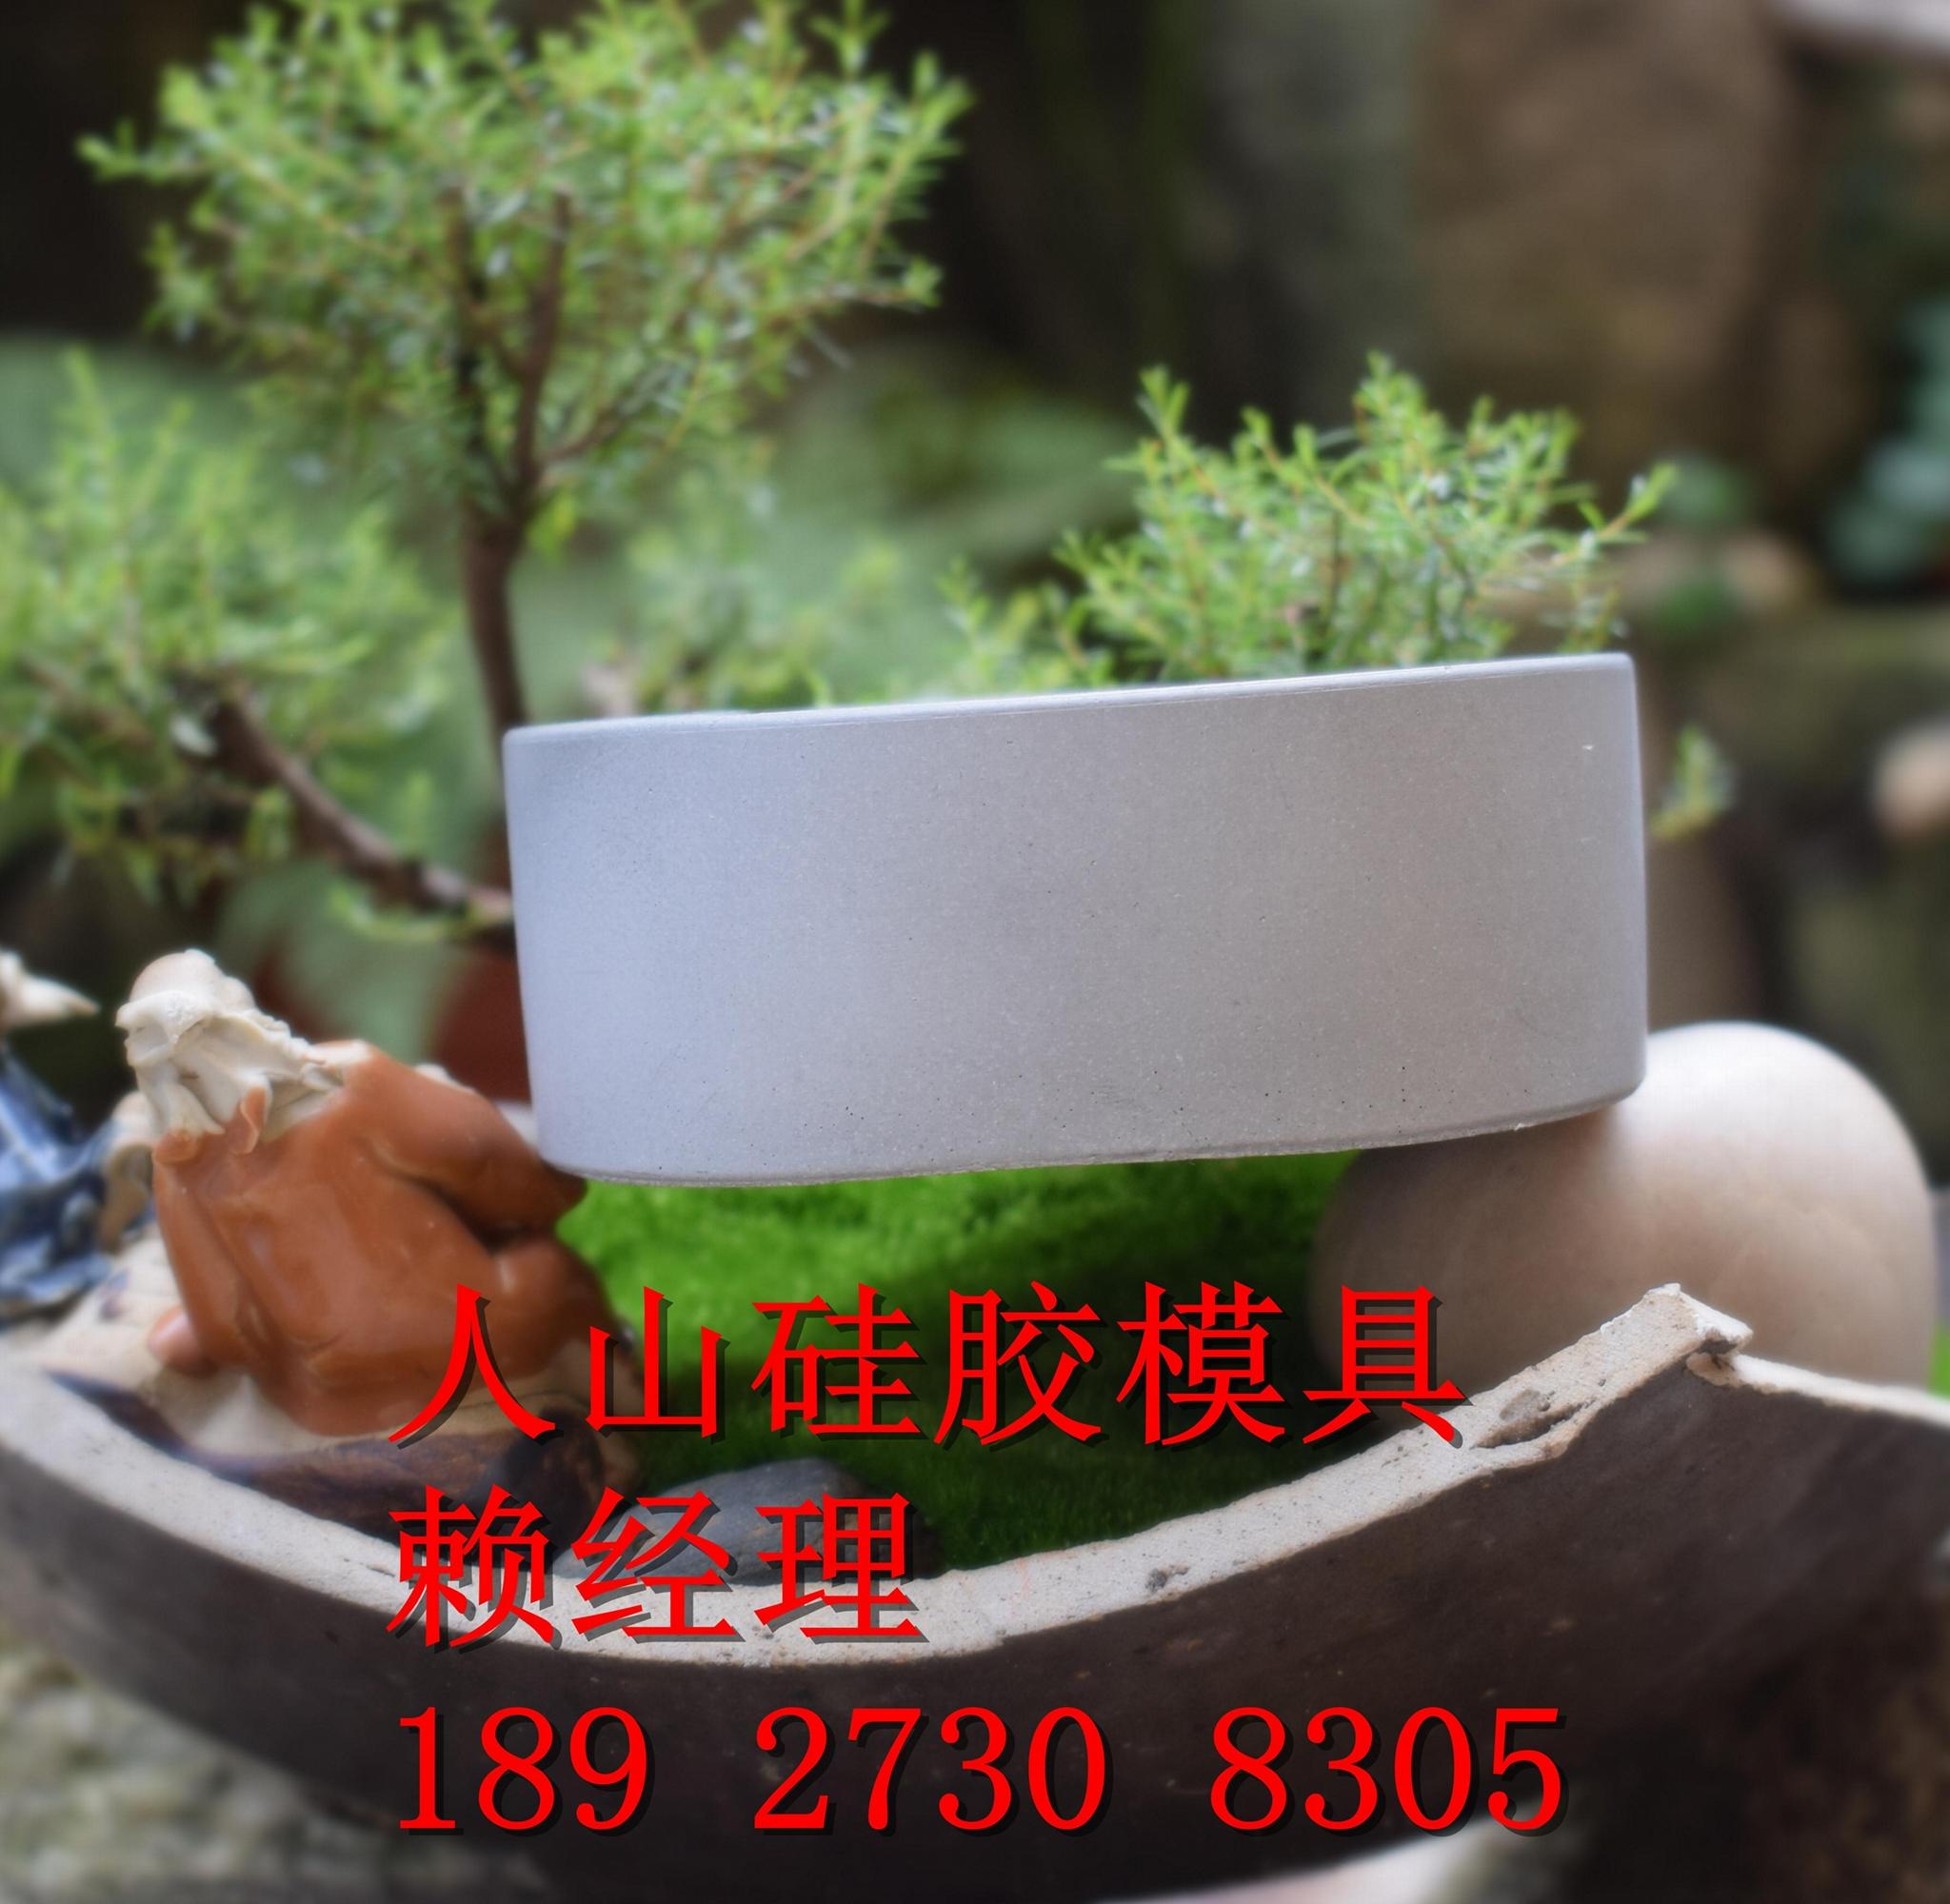 欧式砂岩浮雕壁画雕塑人造电视背景墙玄关沙发室内花开富贵装饰画 3